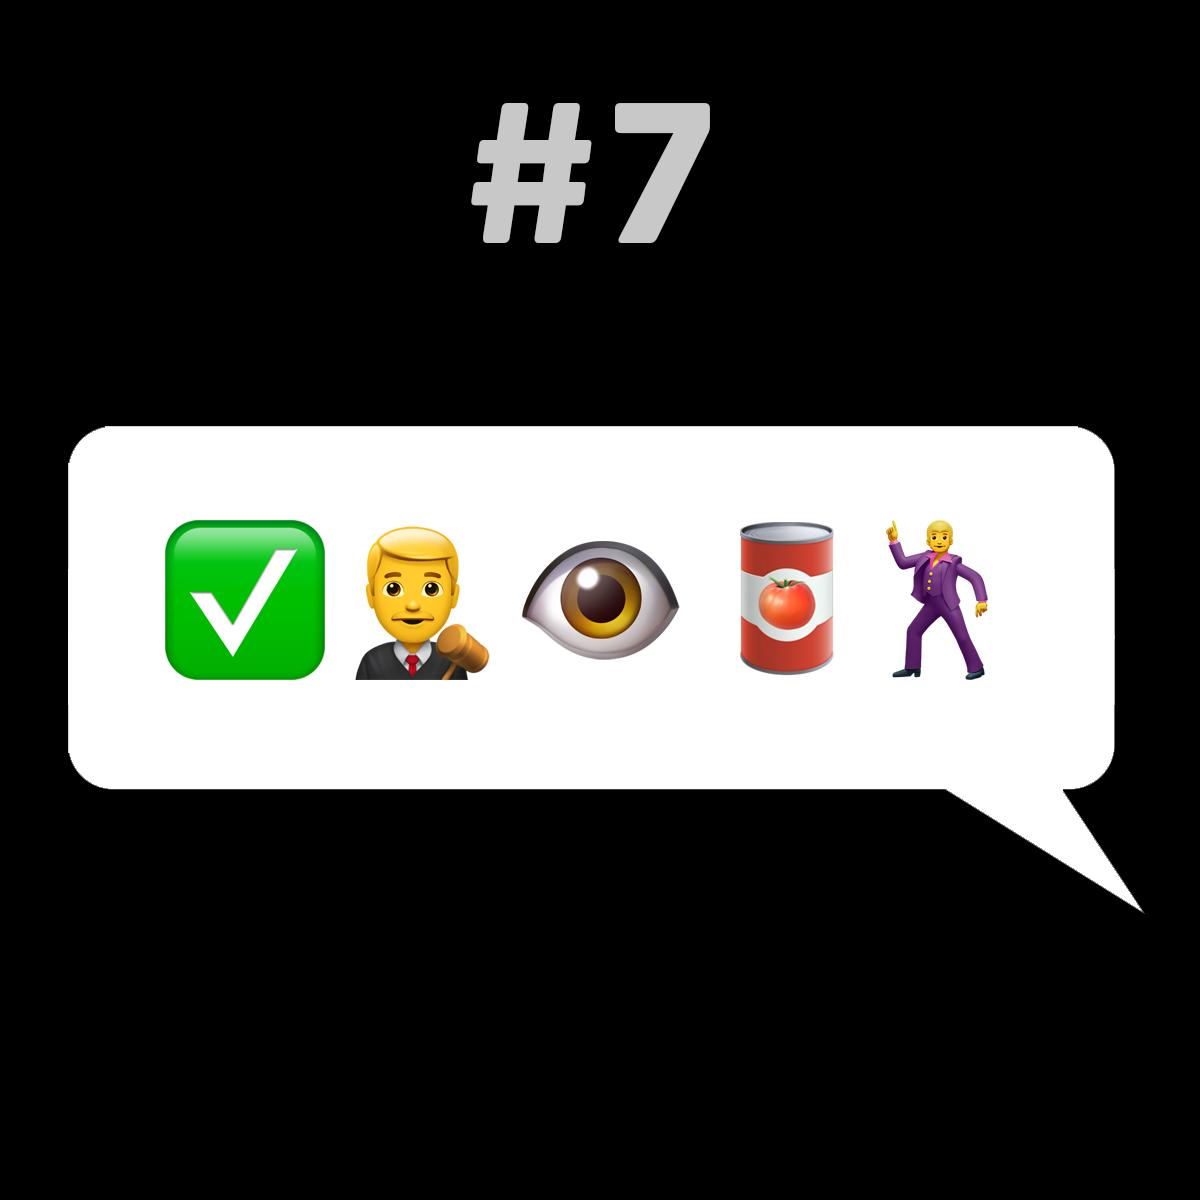 Songtitel in Emojis dargestellt emojibands_07